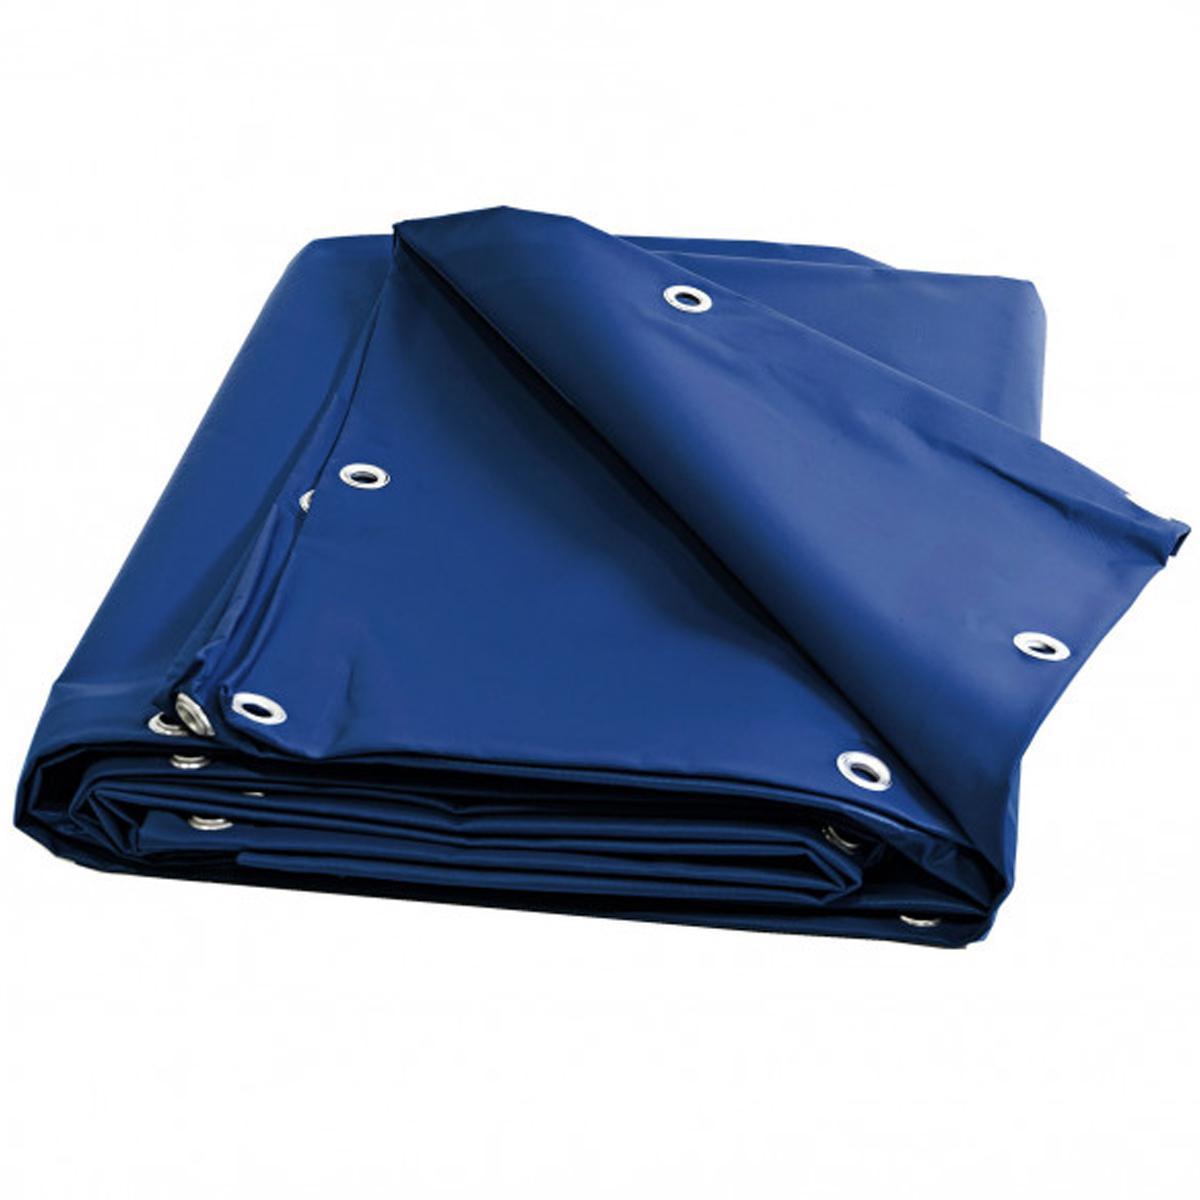 Univers Du Pro Bâche Pergola 2 x 3 m Bleue 680 g/m2 PVC Haute qualité